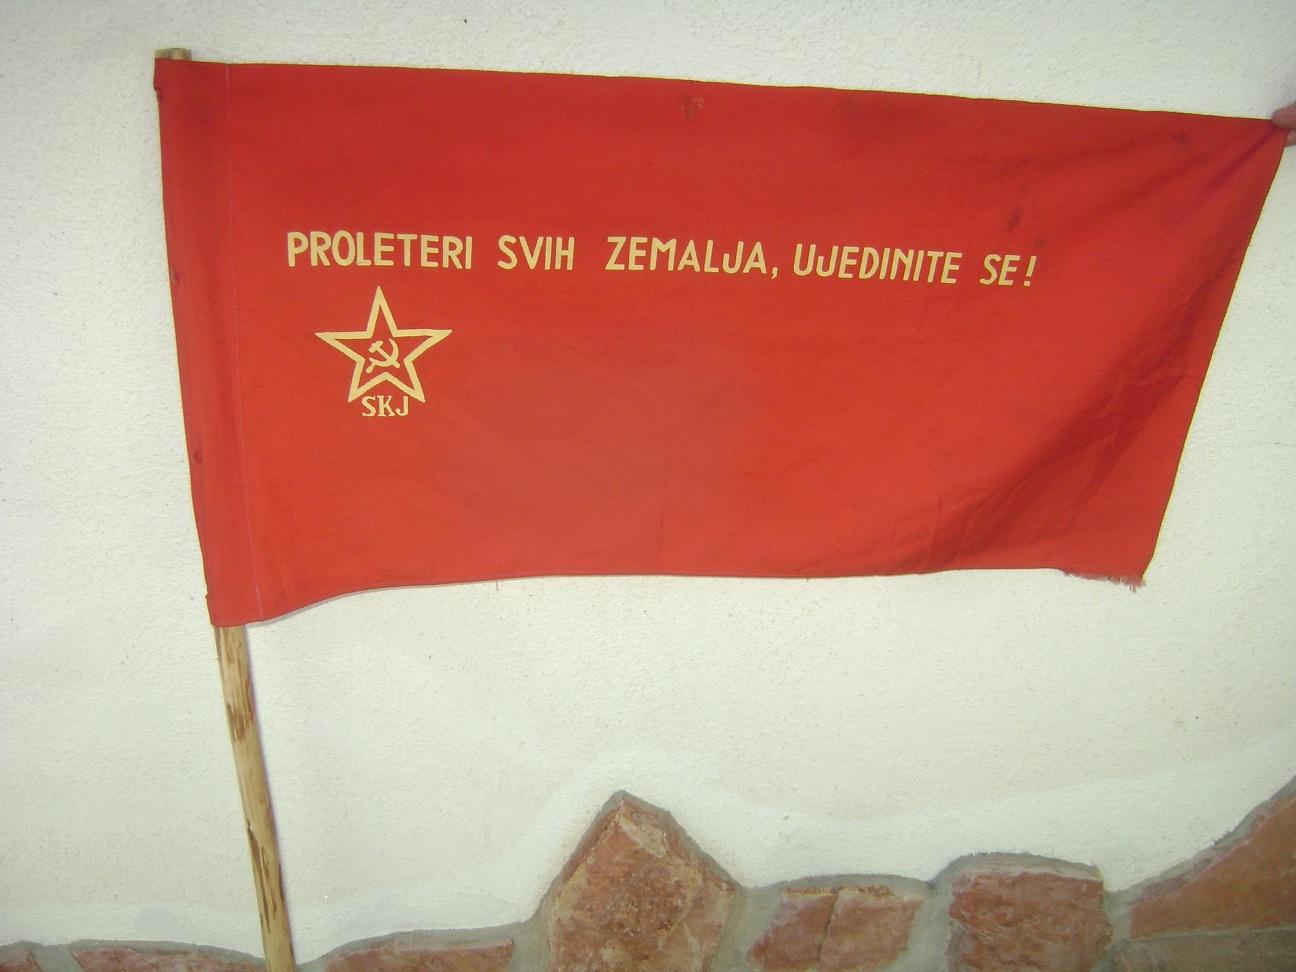 Zastava_SKJ_3.JPG